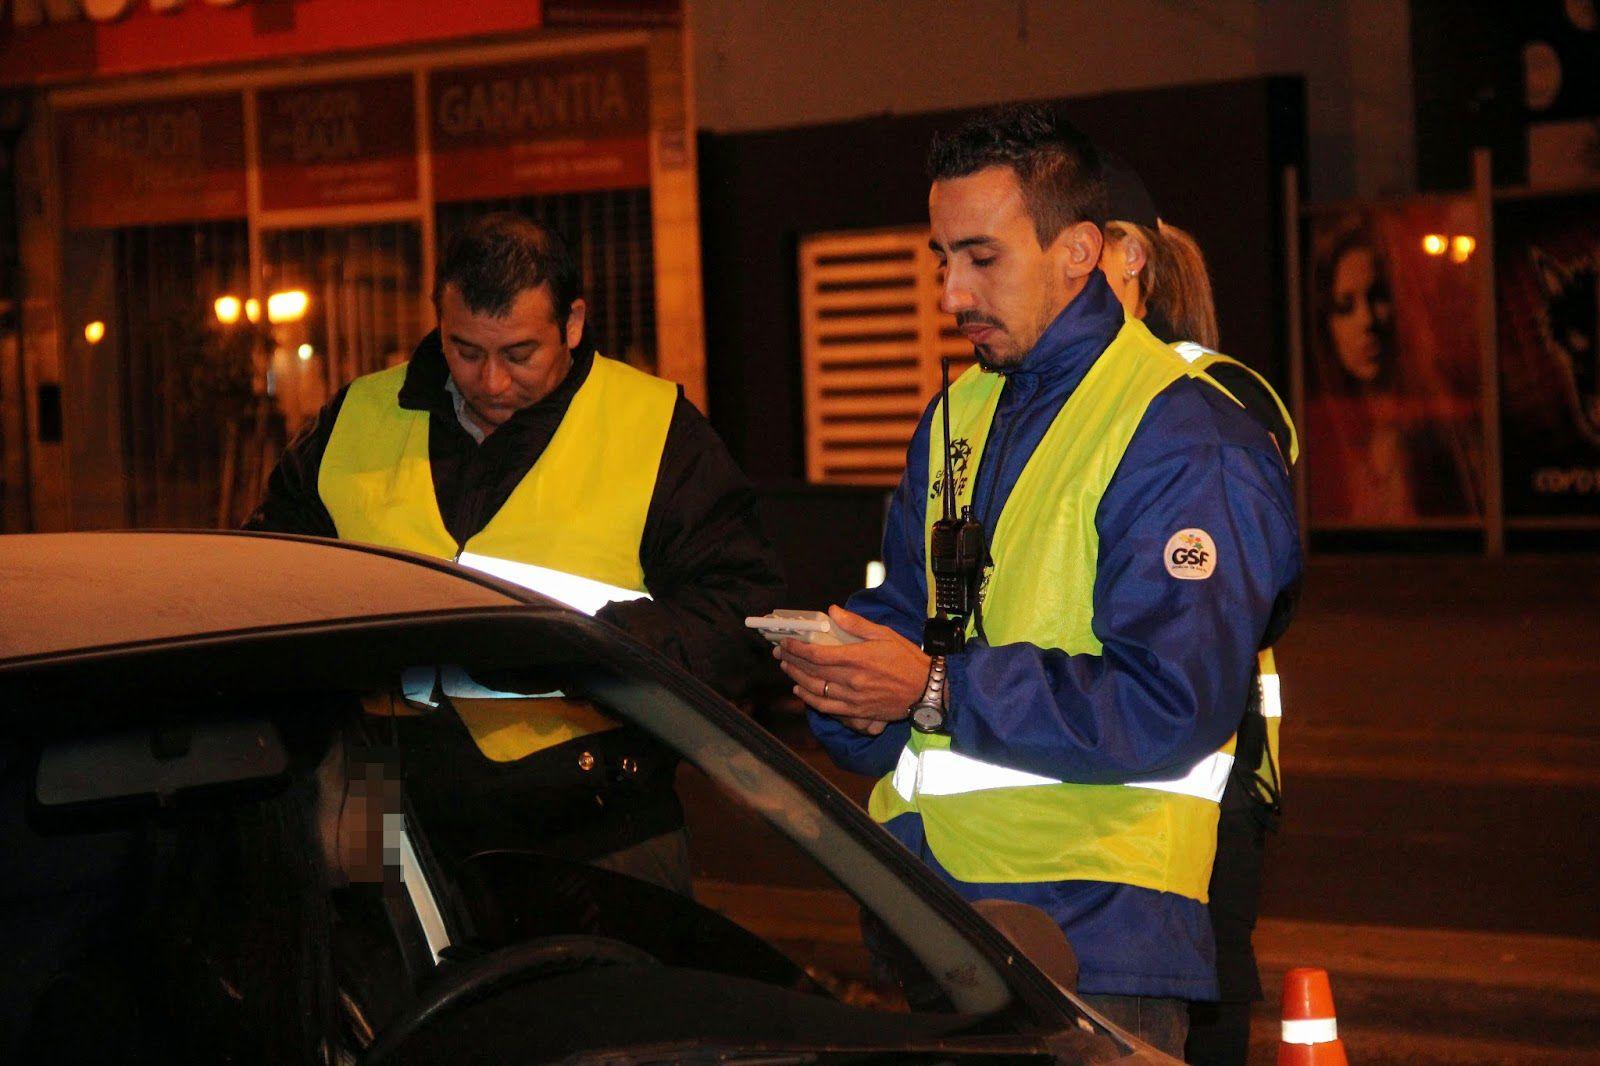 El Concejo se apresta a debatir el proyecto de Sebastián Chale de alcoholemia cero al volante.